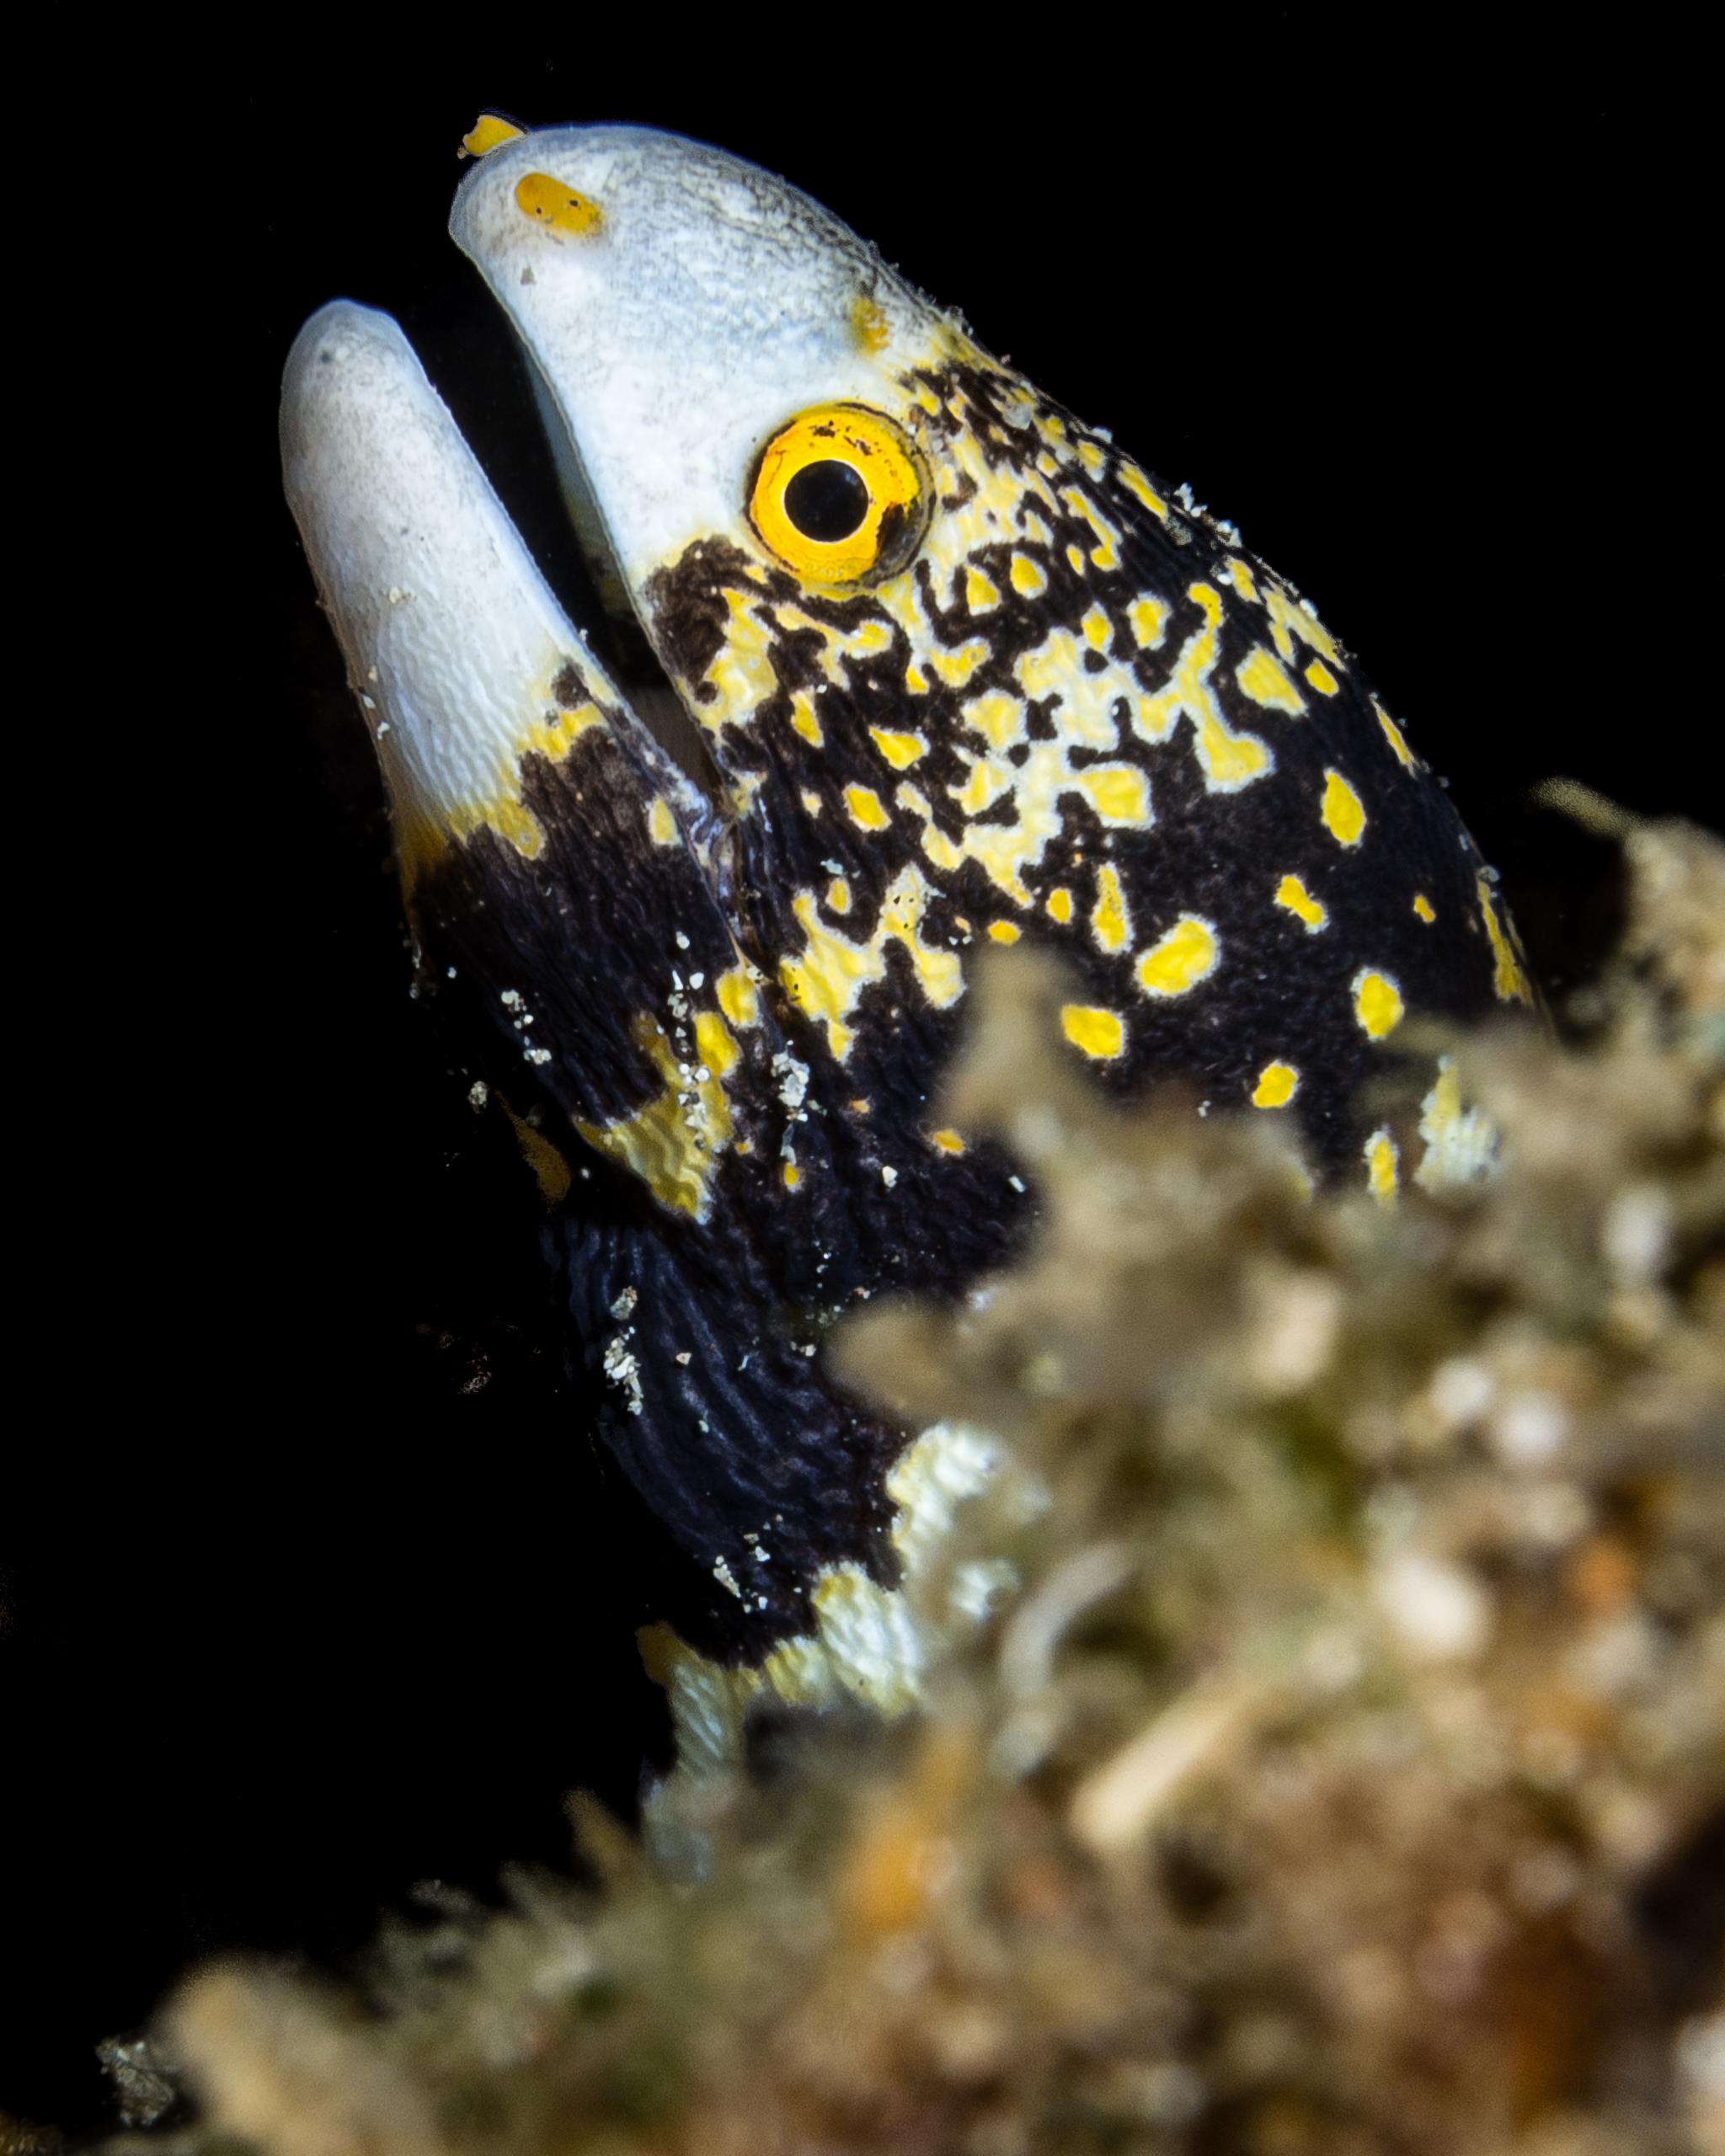 snowflake moray credit: Wojtek Meczynski / coral reef image bank